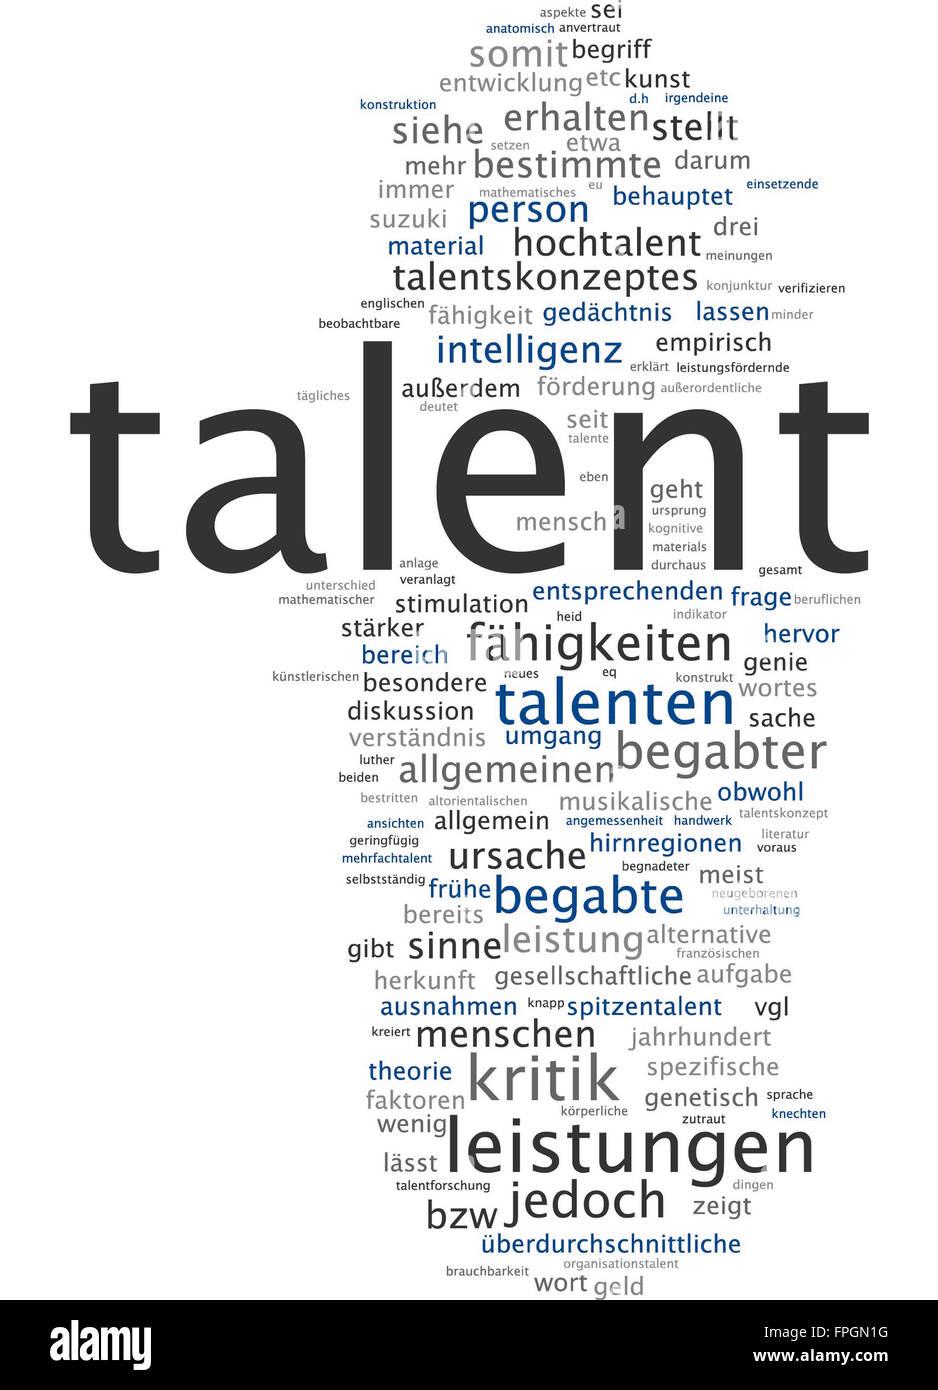 talent leistungen leistung talenten begabter - Stock Image